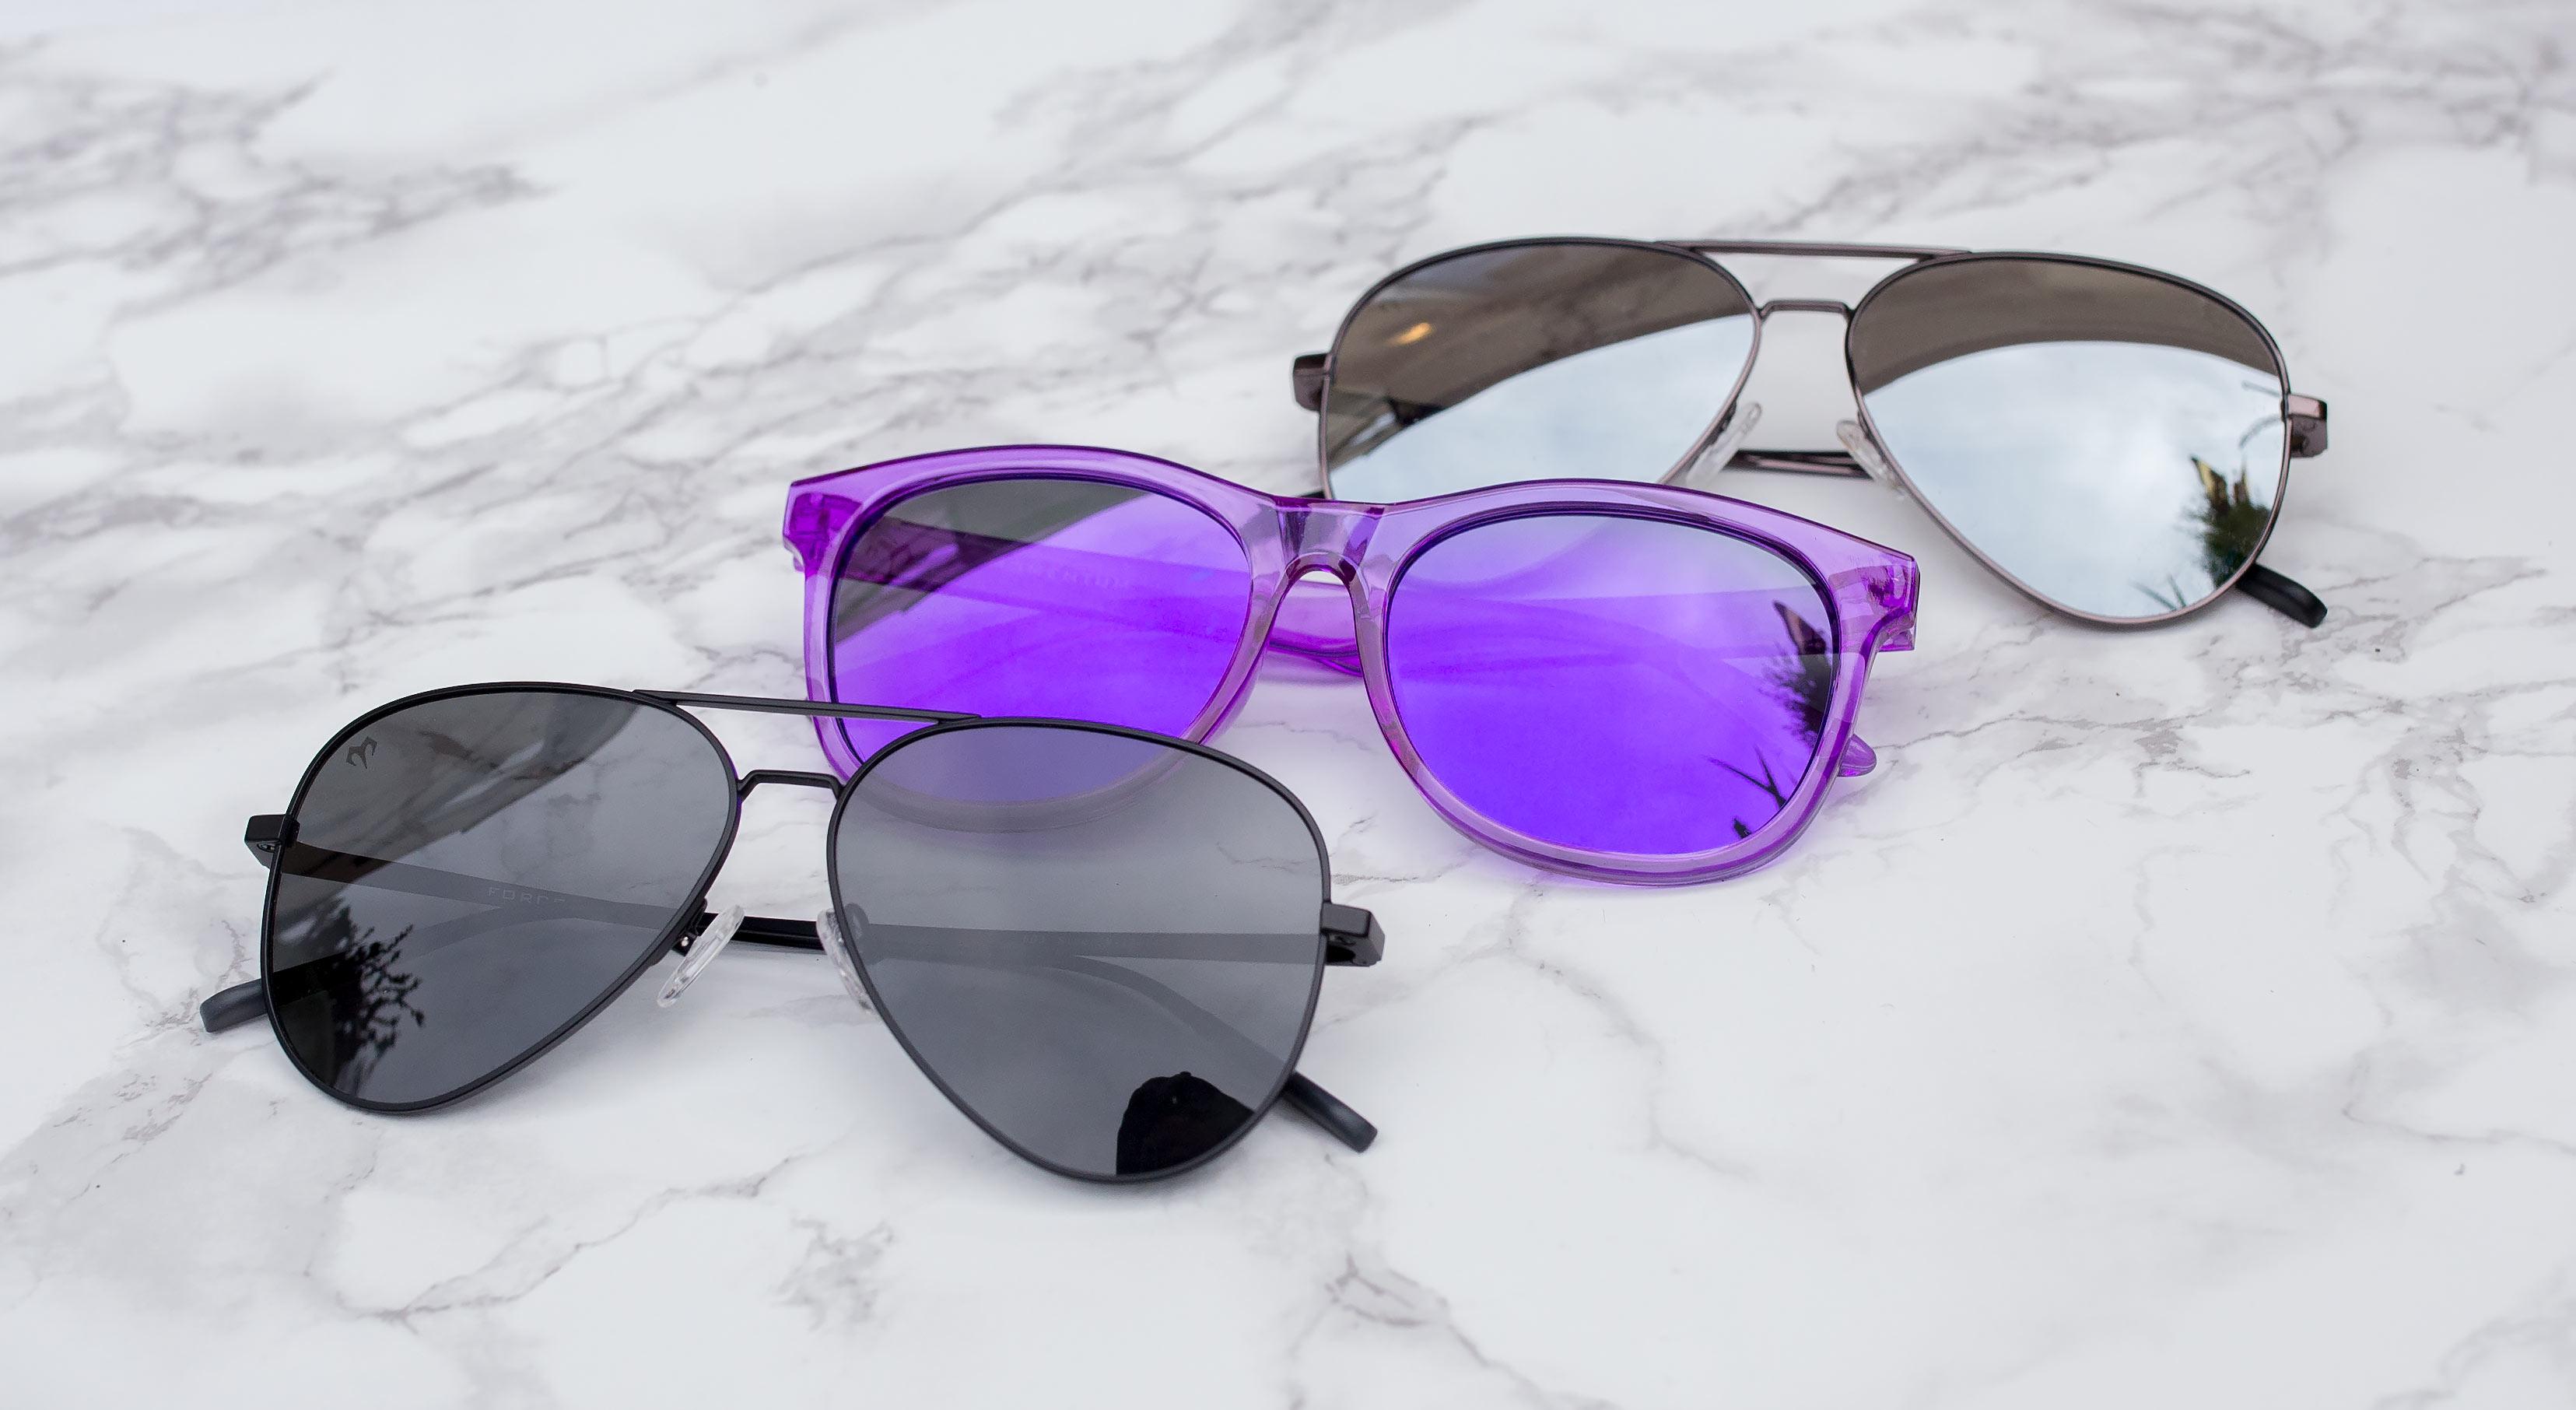 f9e699eeb88 MarsQuest Sunglasses Review